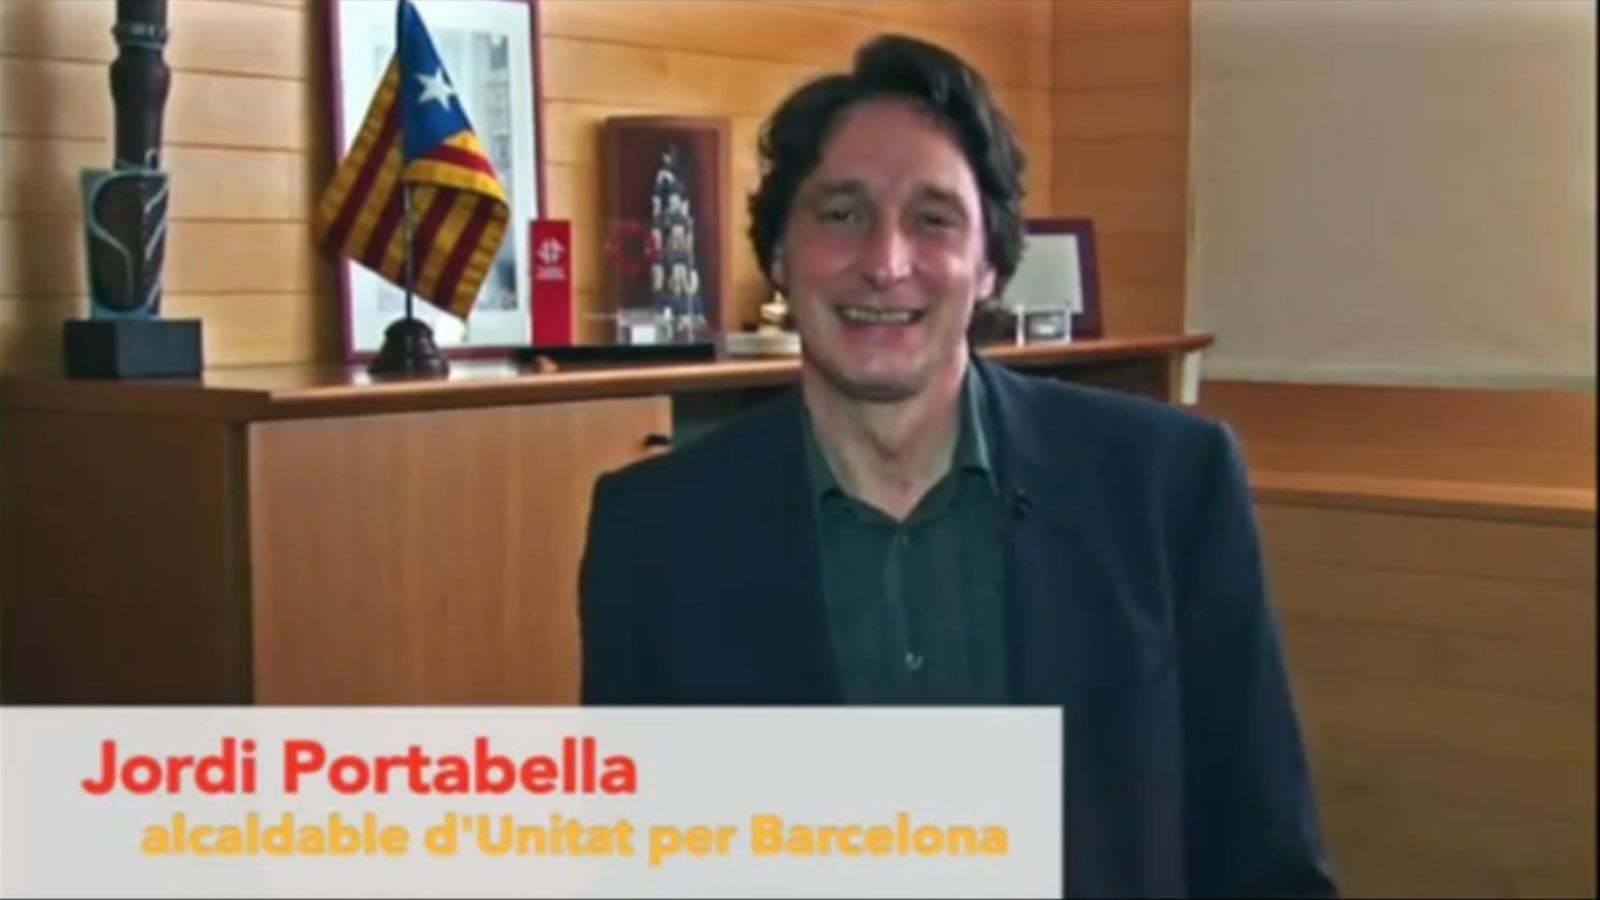 'Barcelona, capital d'Estat', vídeo electoral d'Unitat per Barcelona